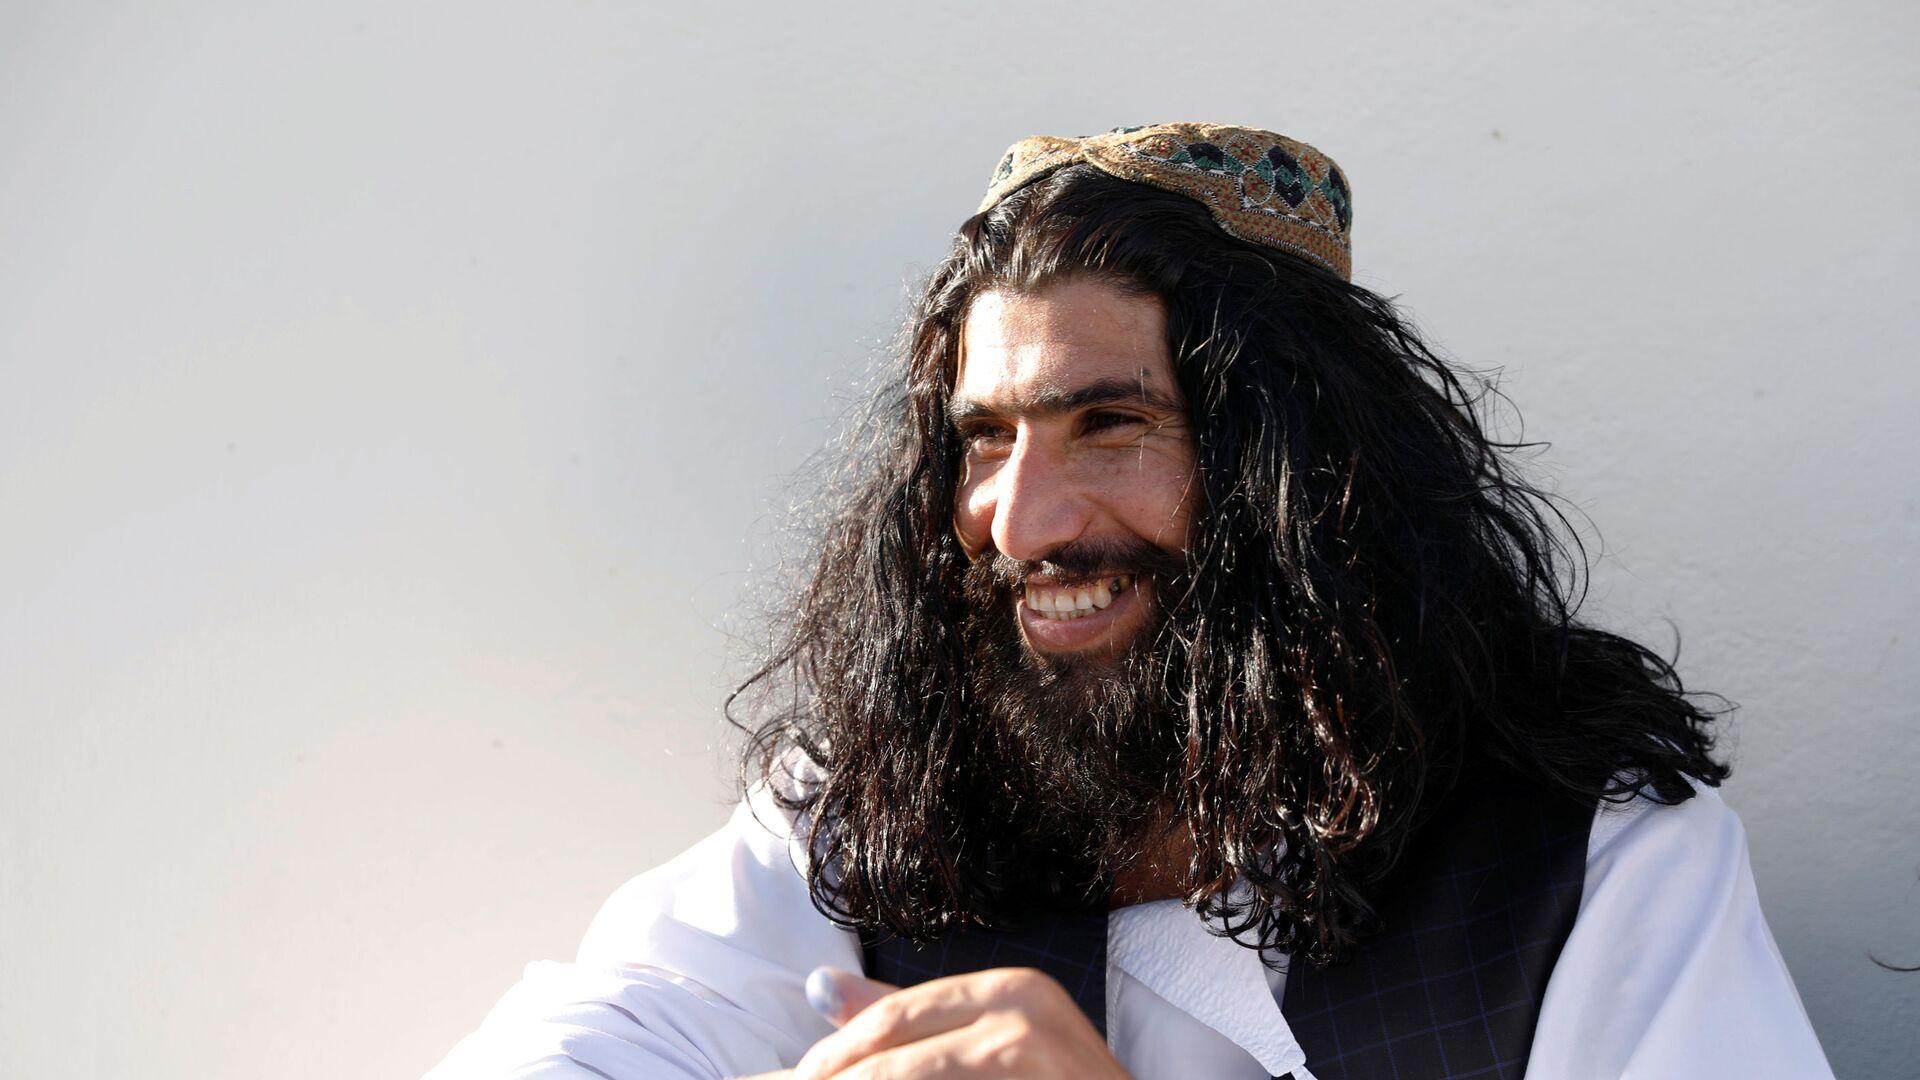 Освобожденный талиб в тюрьме Пули-и-Чархи в Кабуле, Афганистан - Sputnik Таджикистан, 1920, 07.07.2021